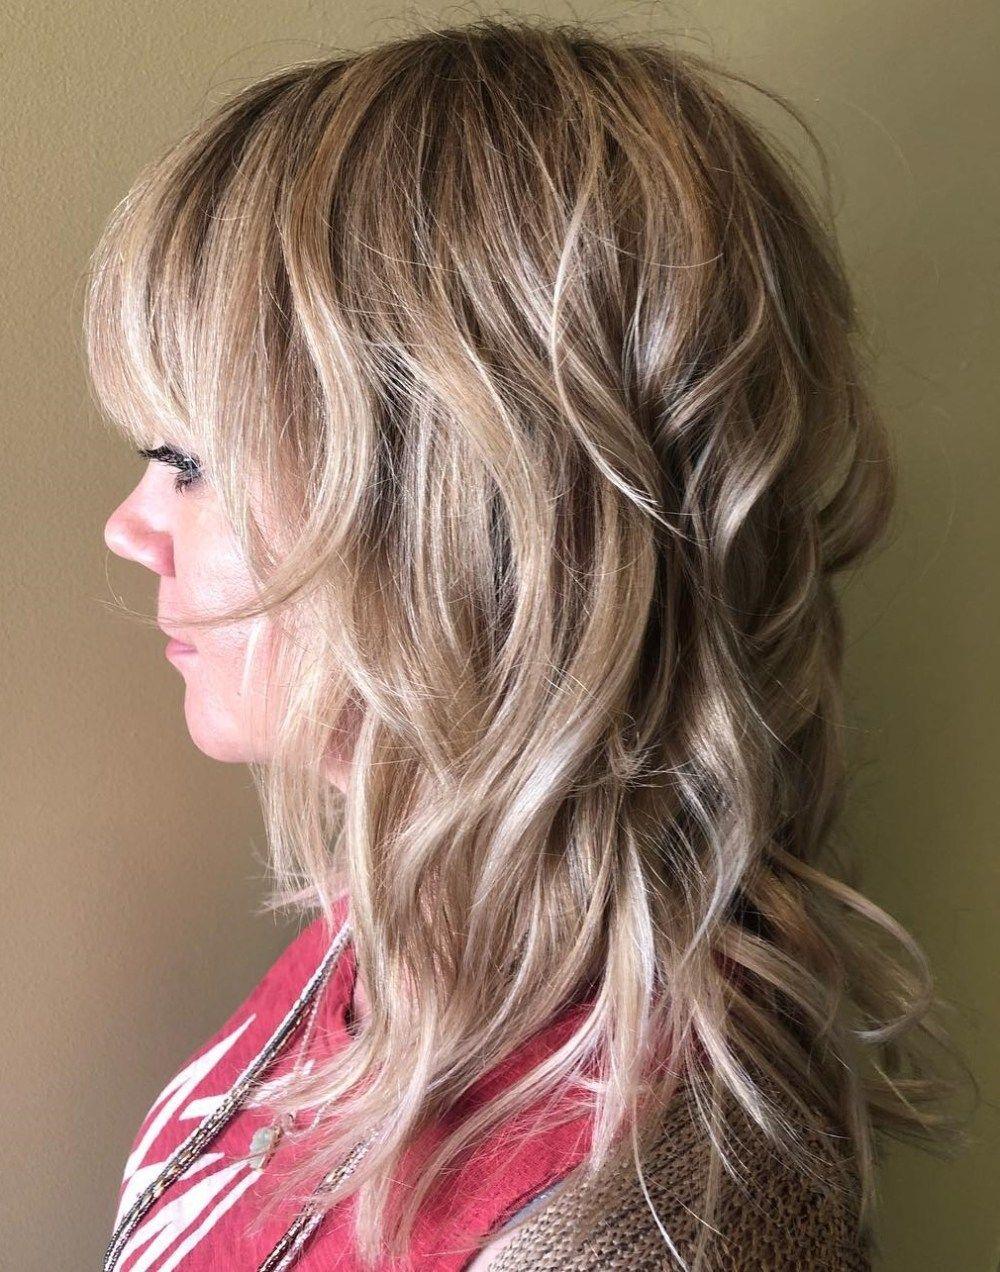 50 Gorgeous Medium-Length Shag Haircuts for All Hair Types in 2020 | Medium  shag haircuts, Shag haircut, Modern shag haircut